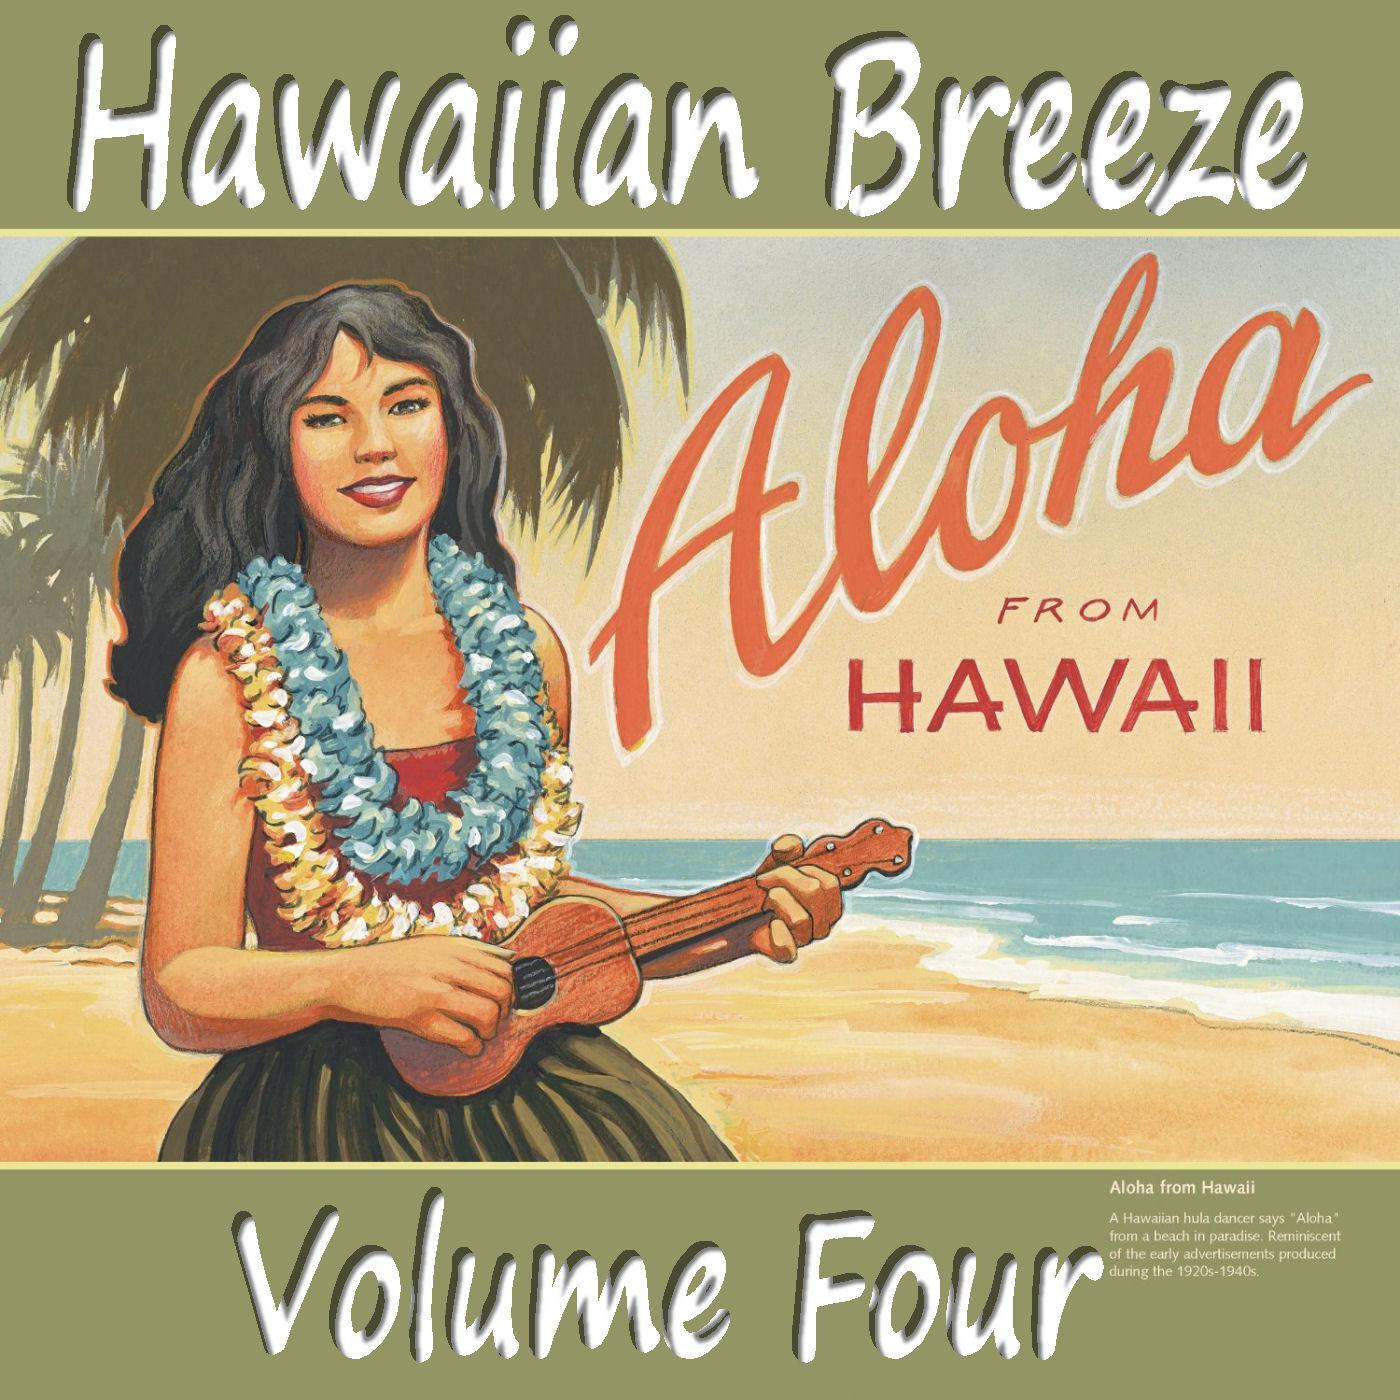 Hawaiianbreezevol4_small